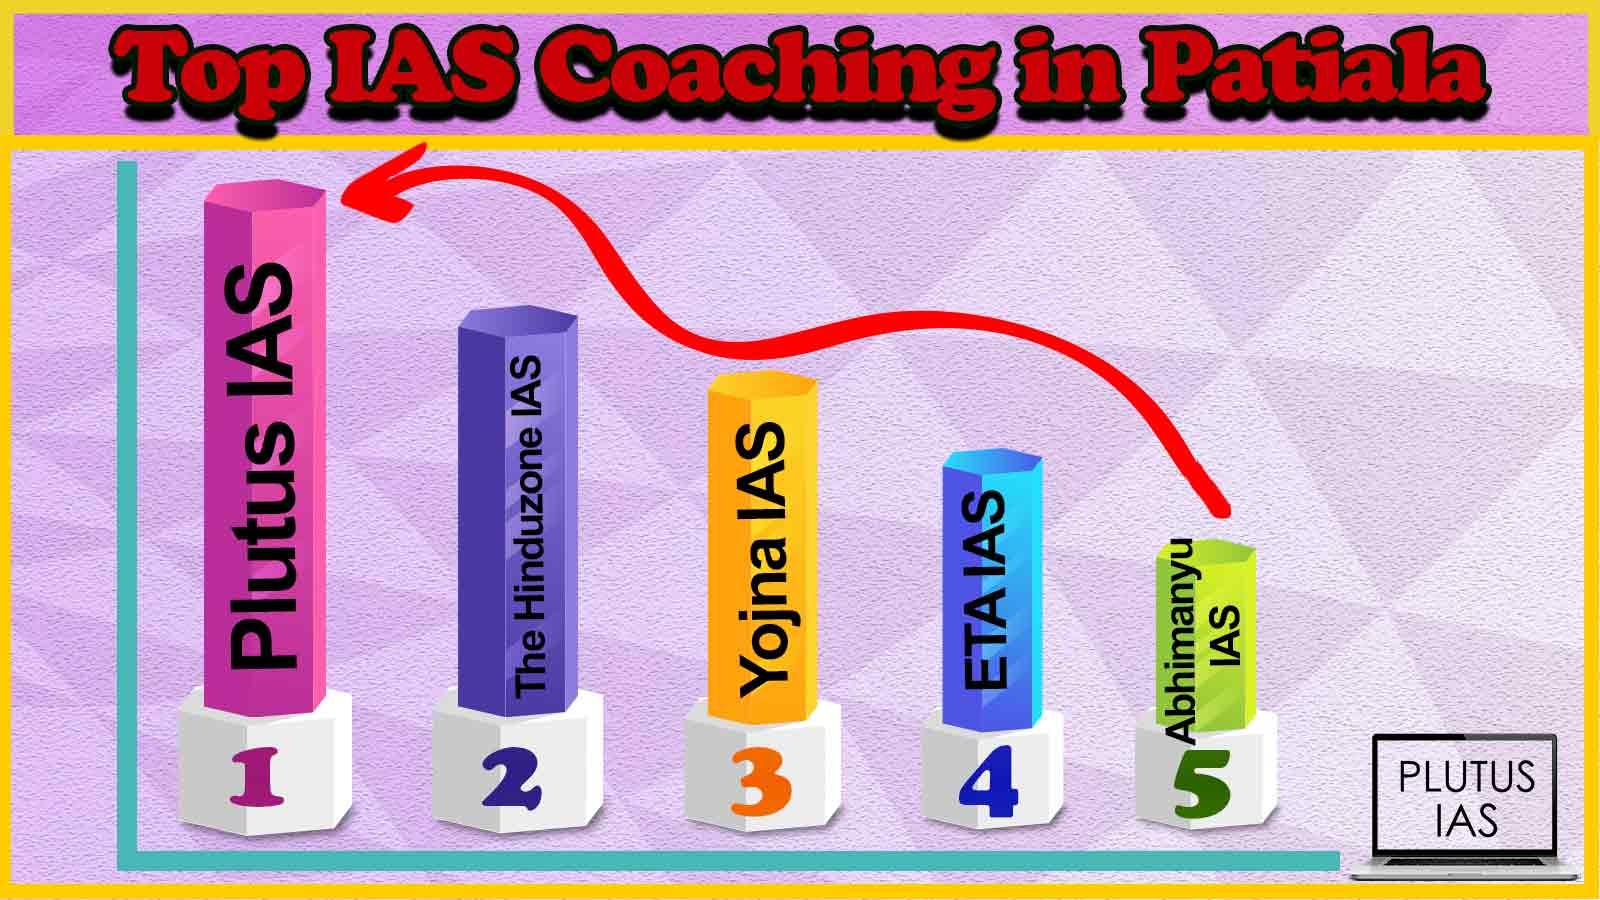 Top 10 IAS Coaching in Patiala